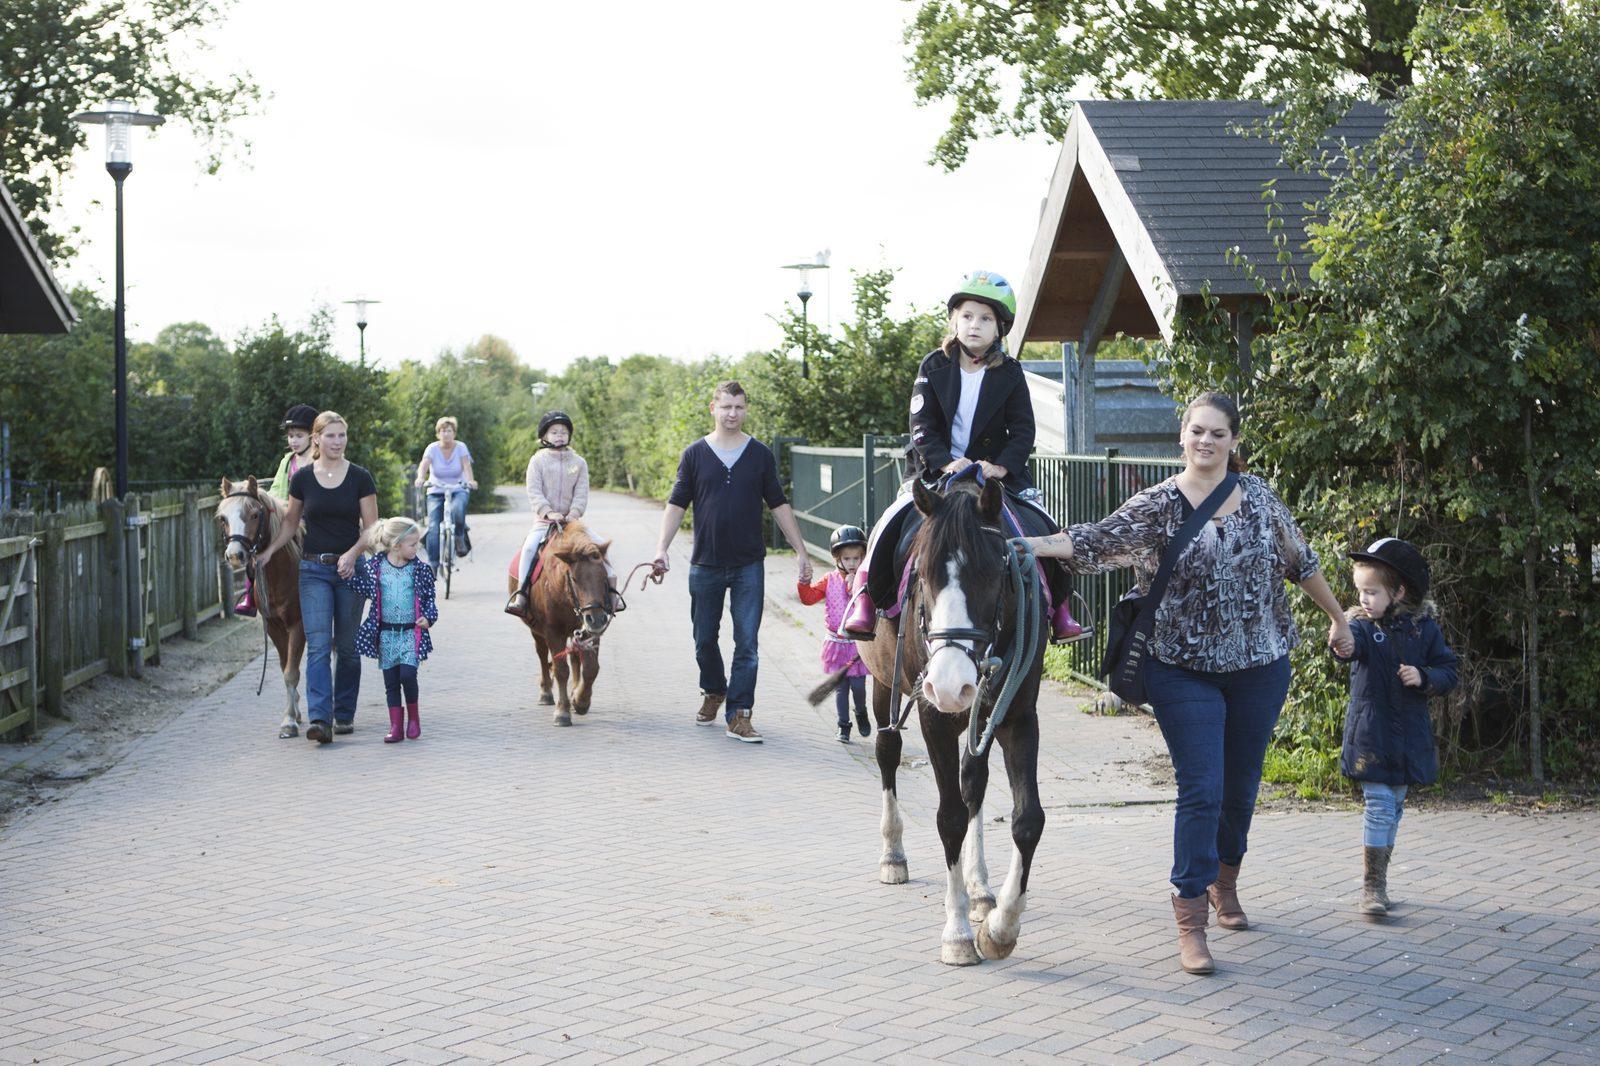 Children's pony party in Voorthuizen at Holiday Park De Boshoek